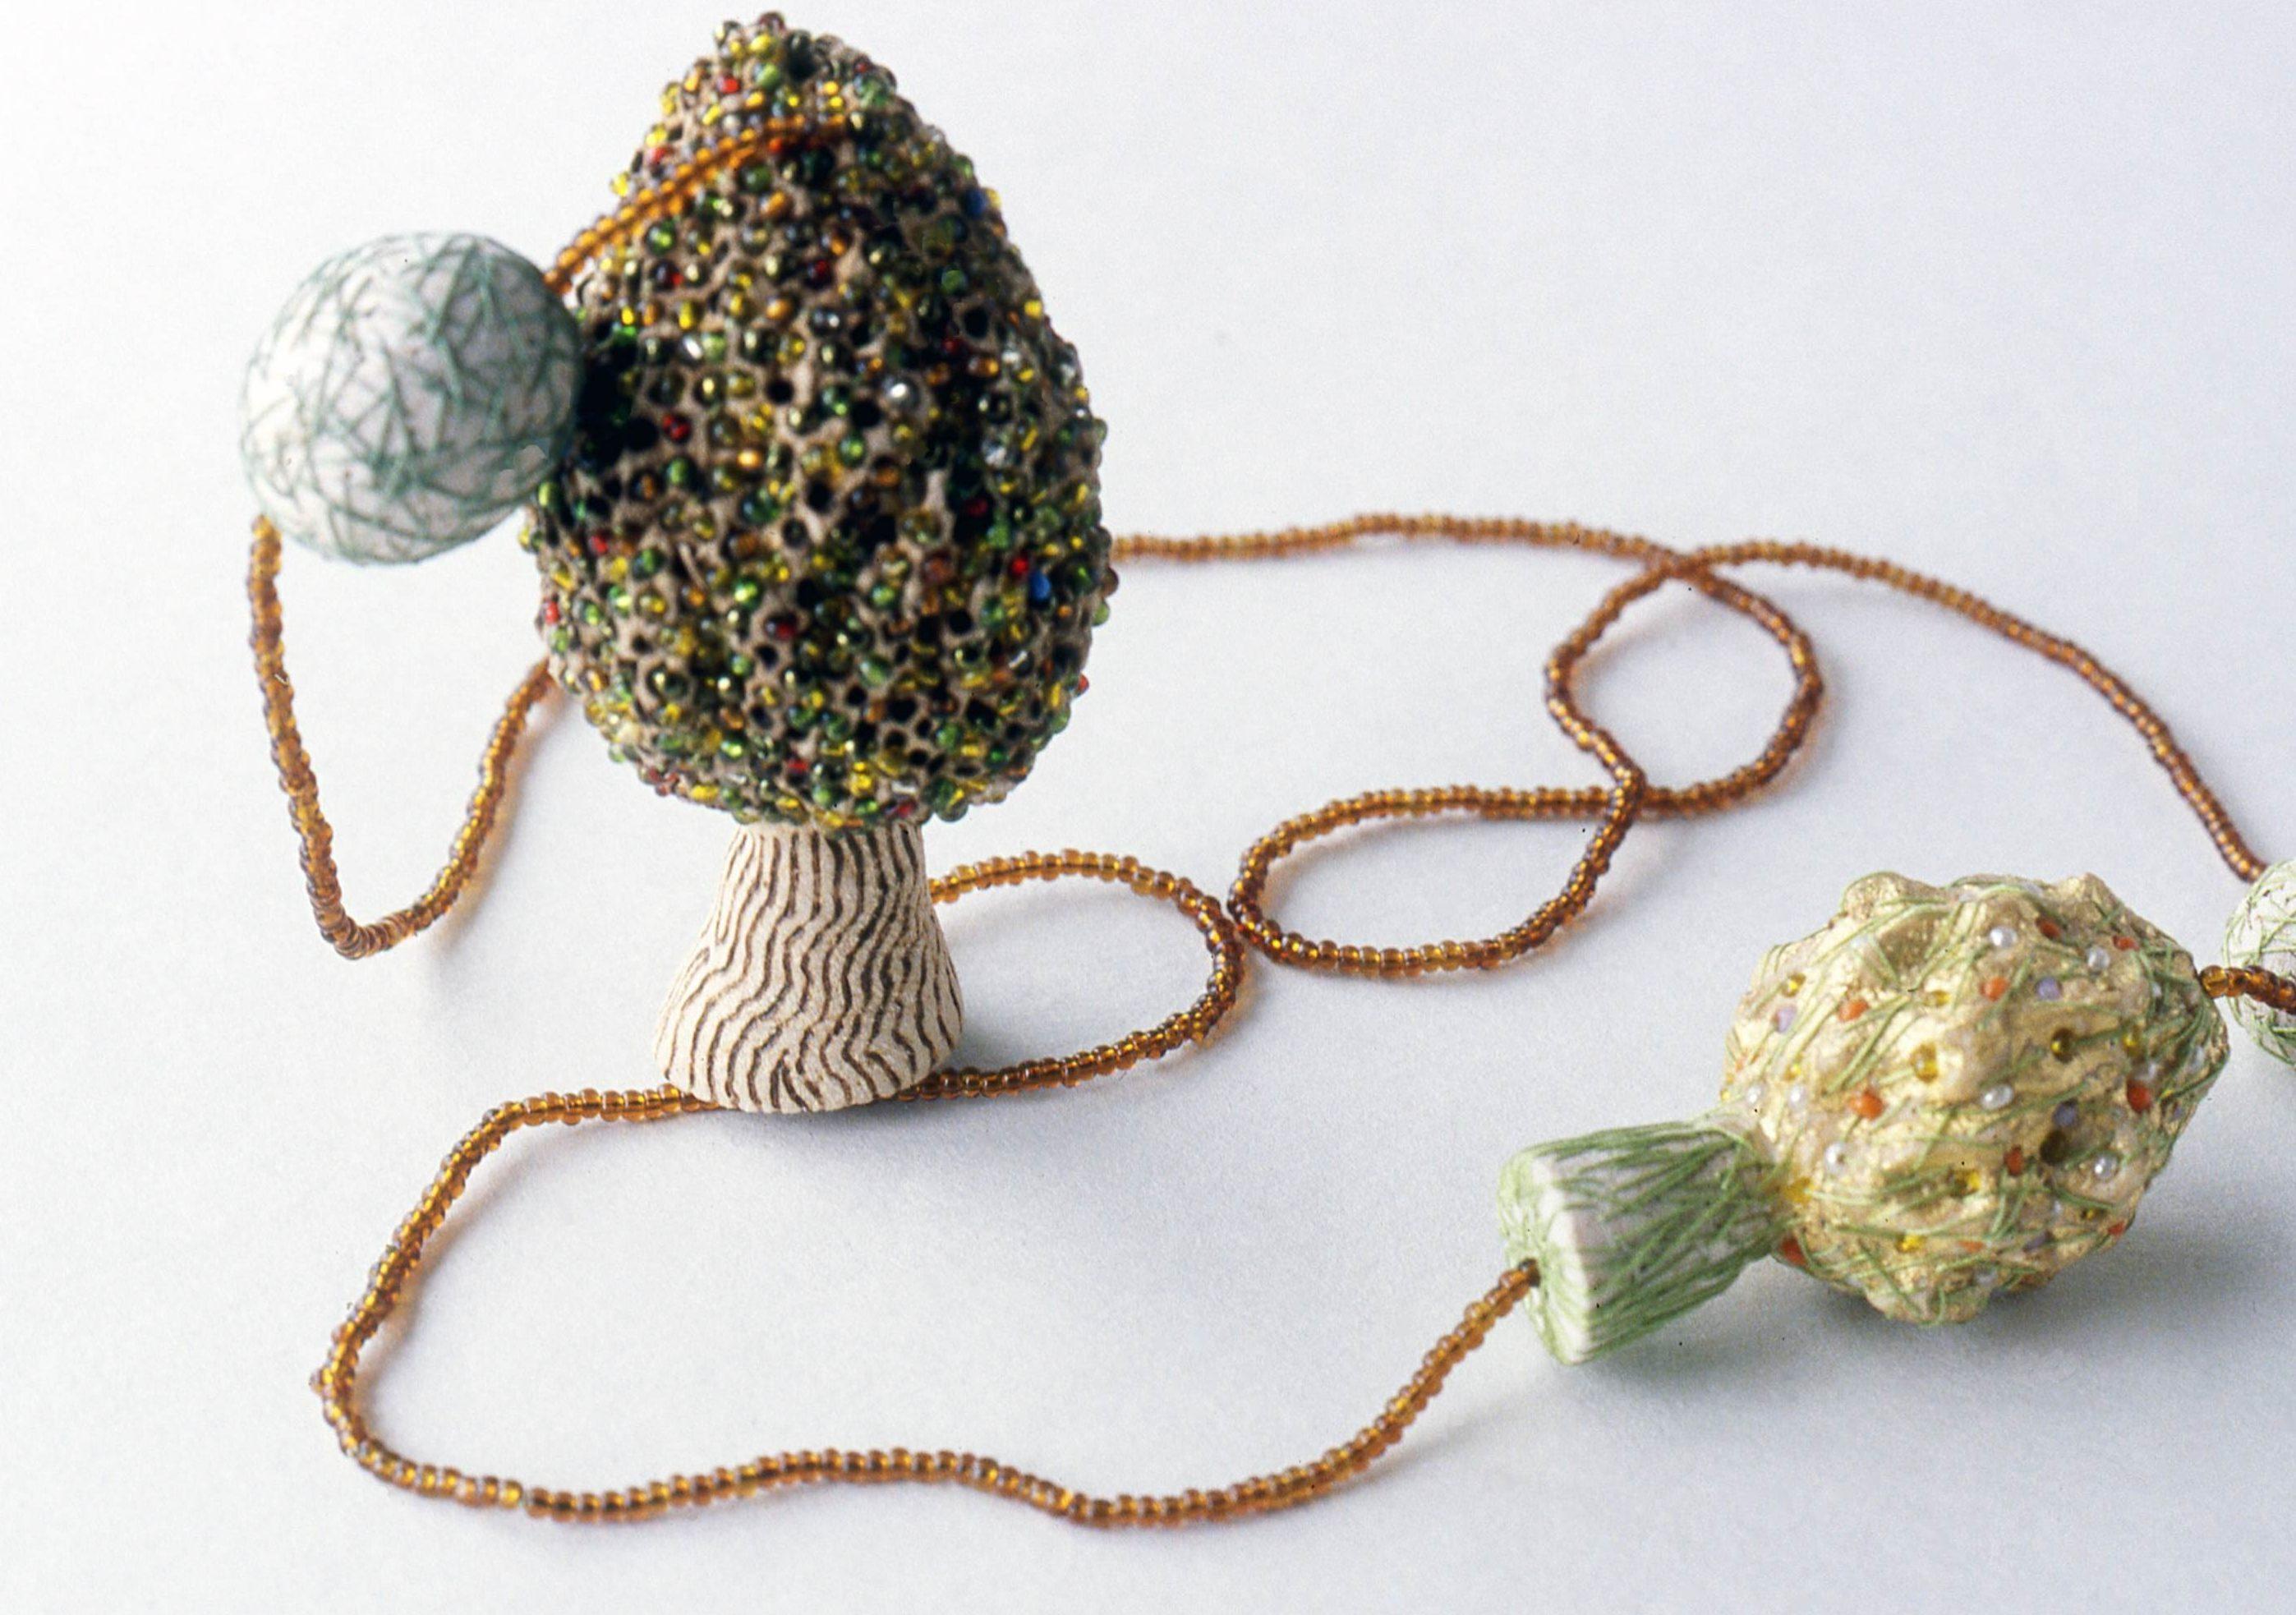 Beppe Kessler, The answer is blowing in the wind, halssieraad, 2002, kralen, balsahout, textiel